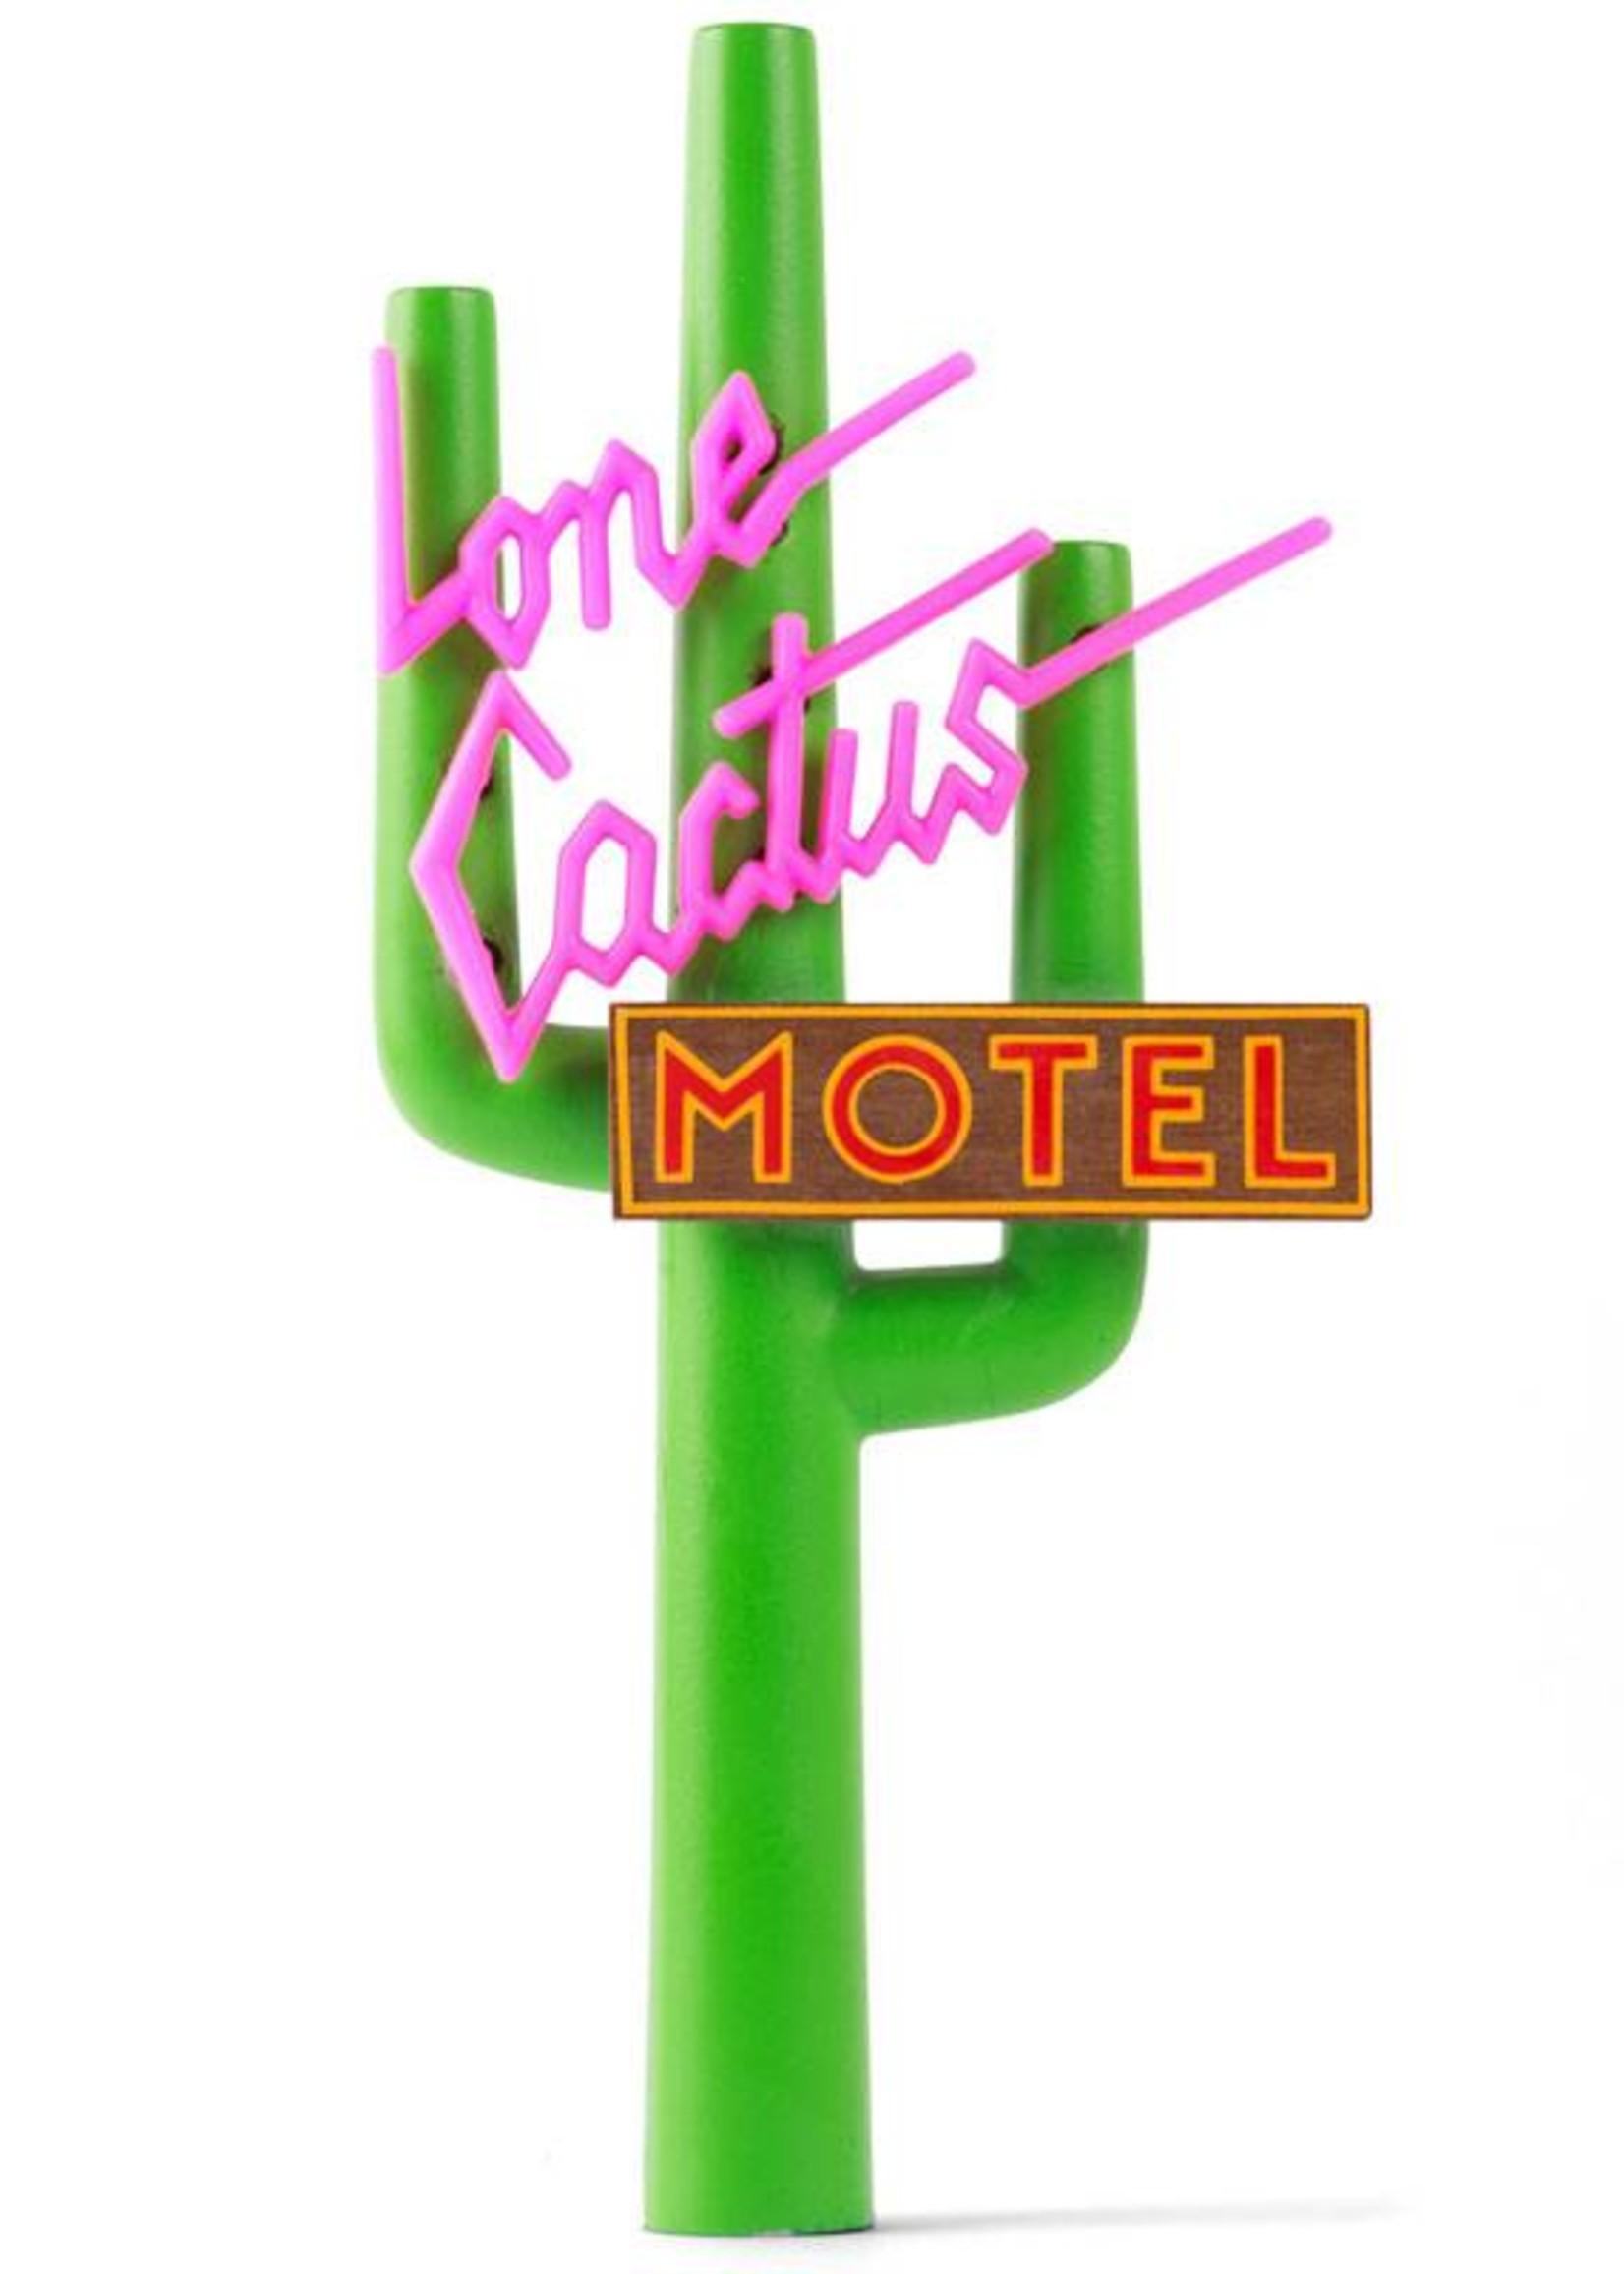 Candylab Lone cactus